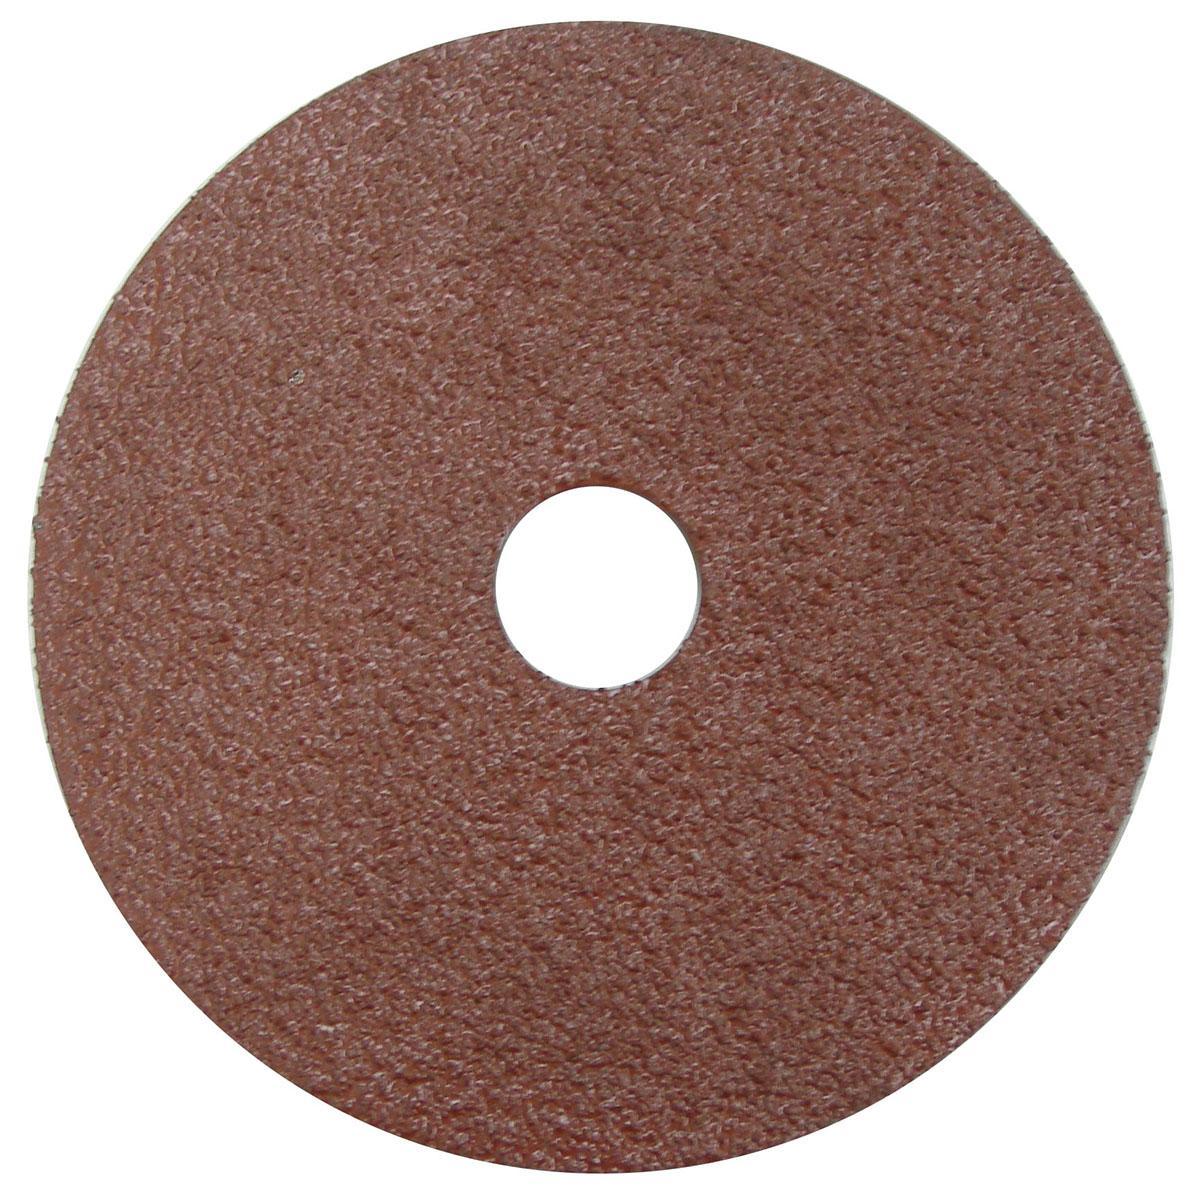 """5"""" Resin Fiber Disc, 36AO, 7/8"""" Arbor Hole - RFD-5 A 36 GRIT"""